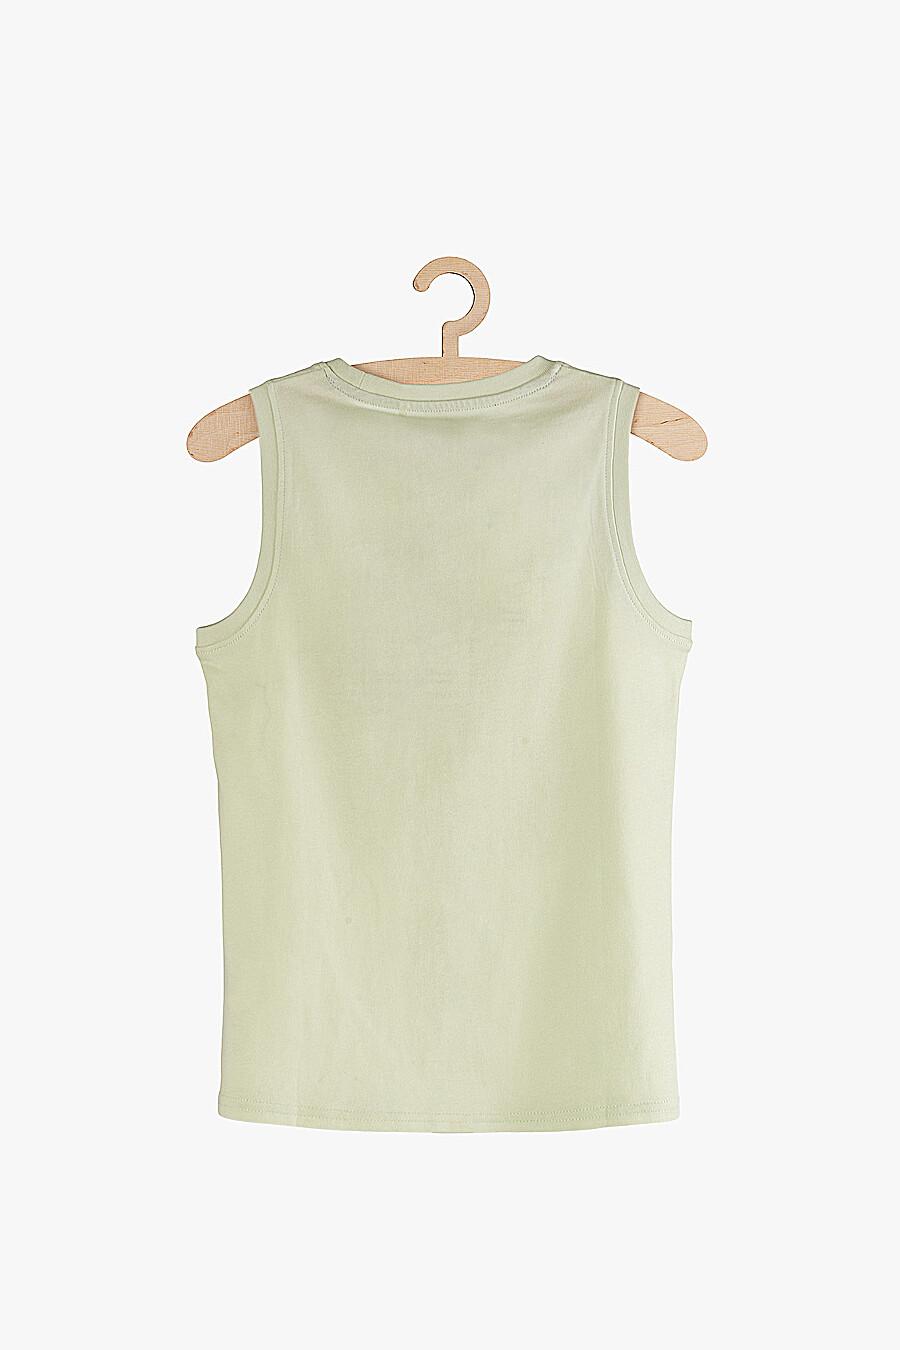 Майка для мальчиков 5.10.15 218377 купить оптом от производителя. Совместная покупка детской одежды в OptMoyo